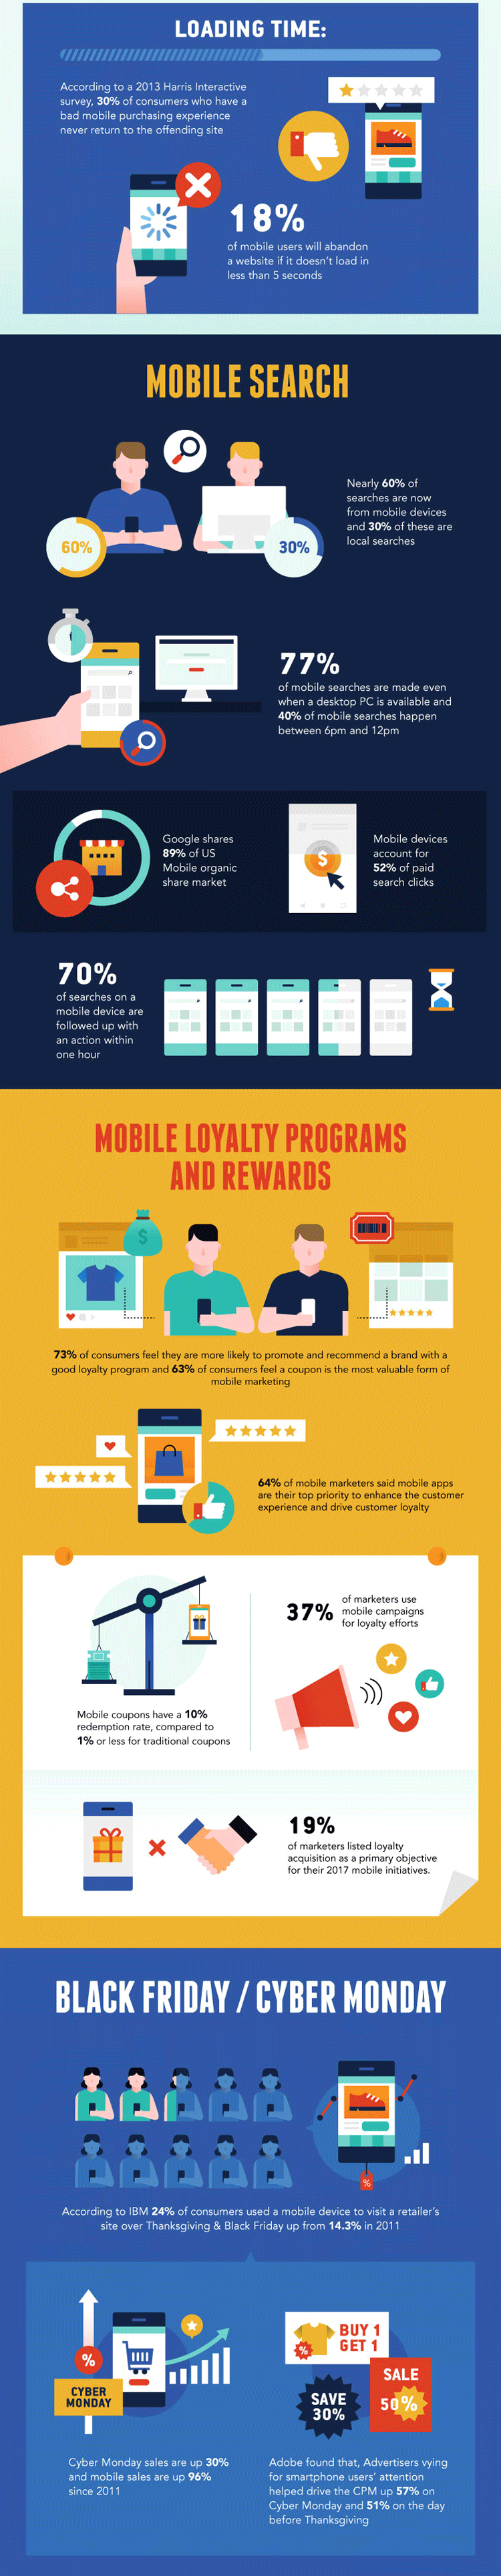 Mobile Suche und Loyalitätsprogramme